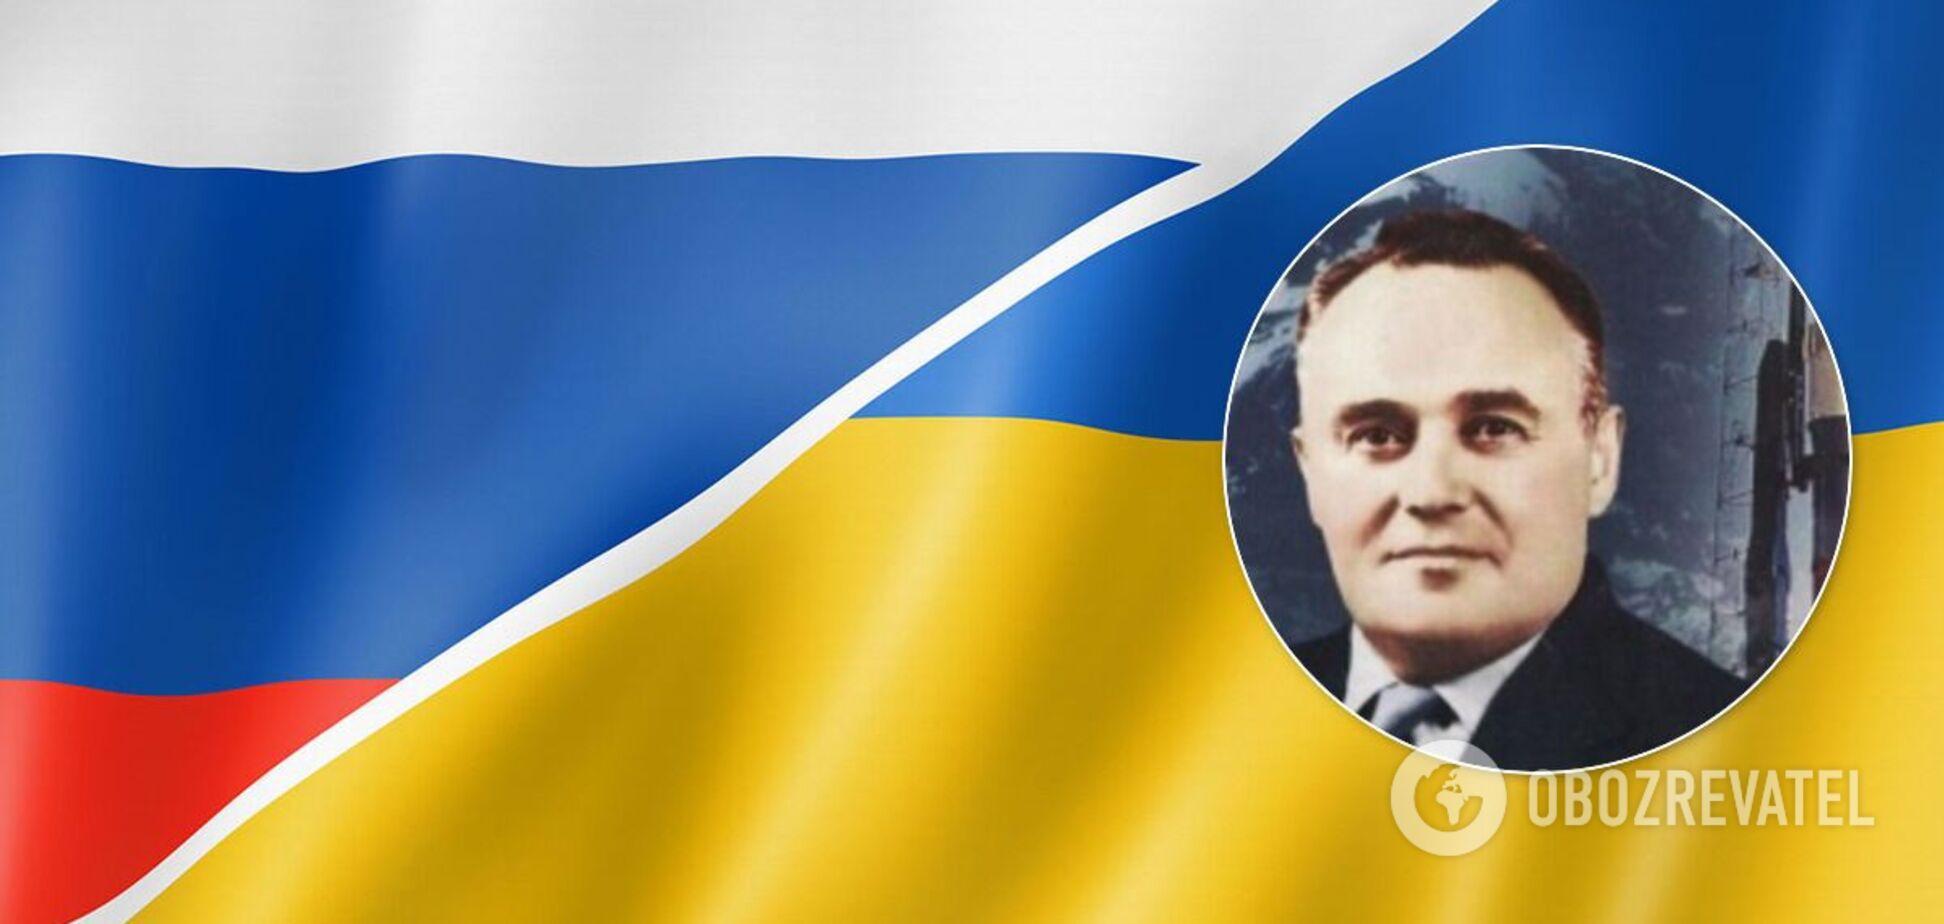 Украина и Россия поспорили из-за Королева